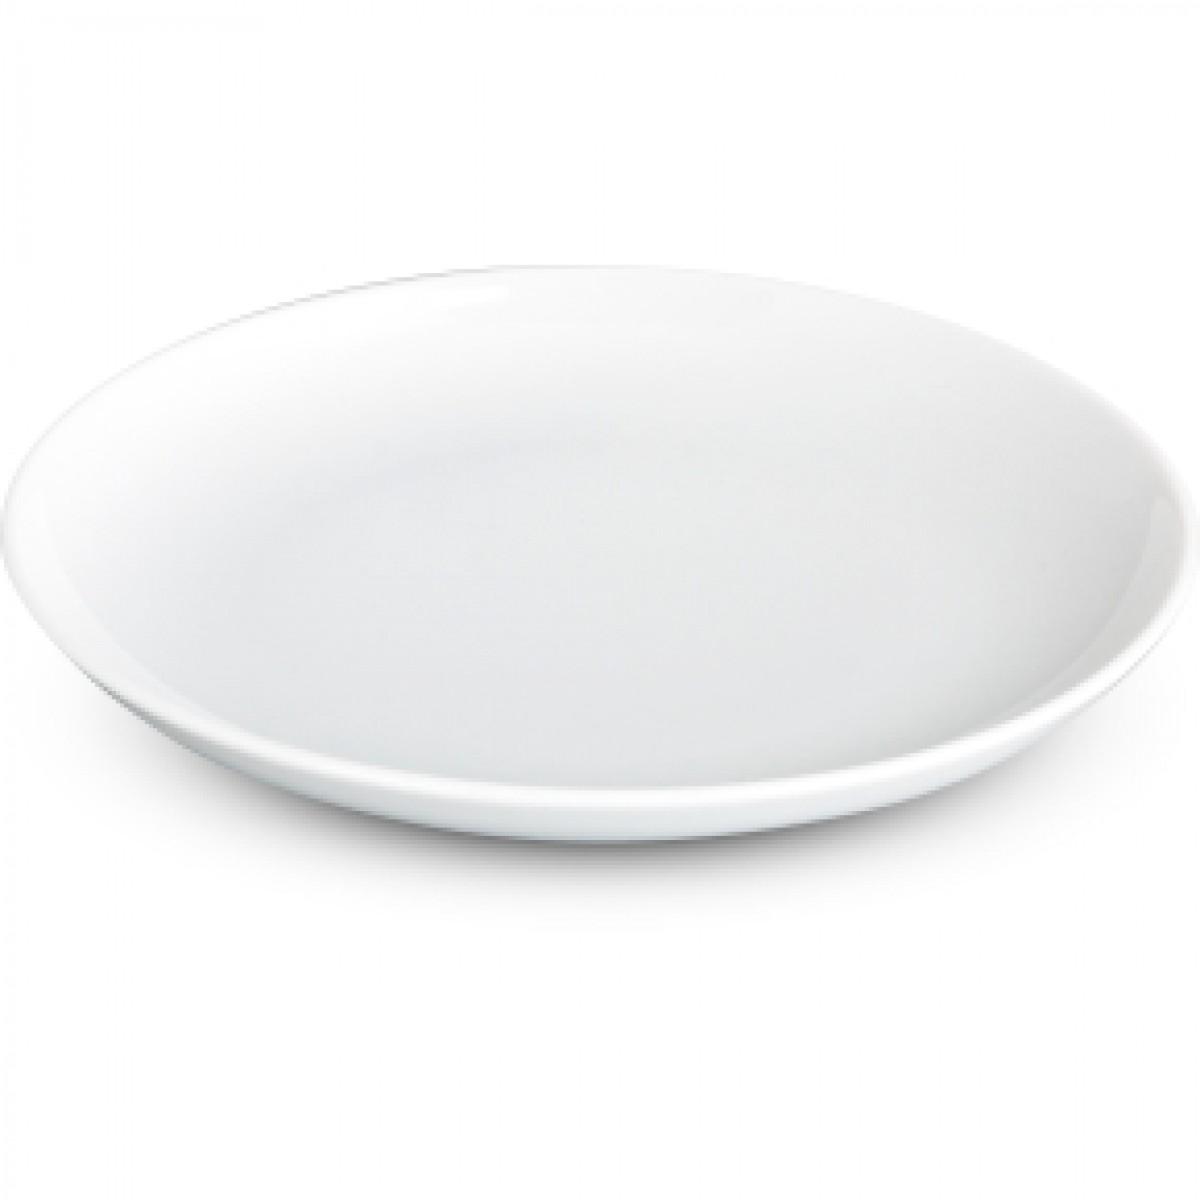 AIDA Atelier hvid desserttallerken 4 stk. 18 cm.